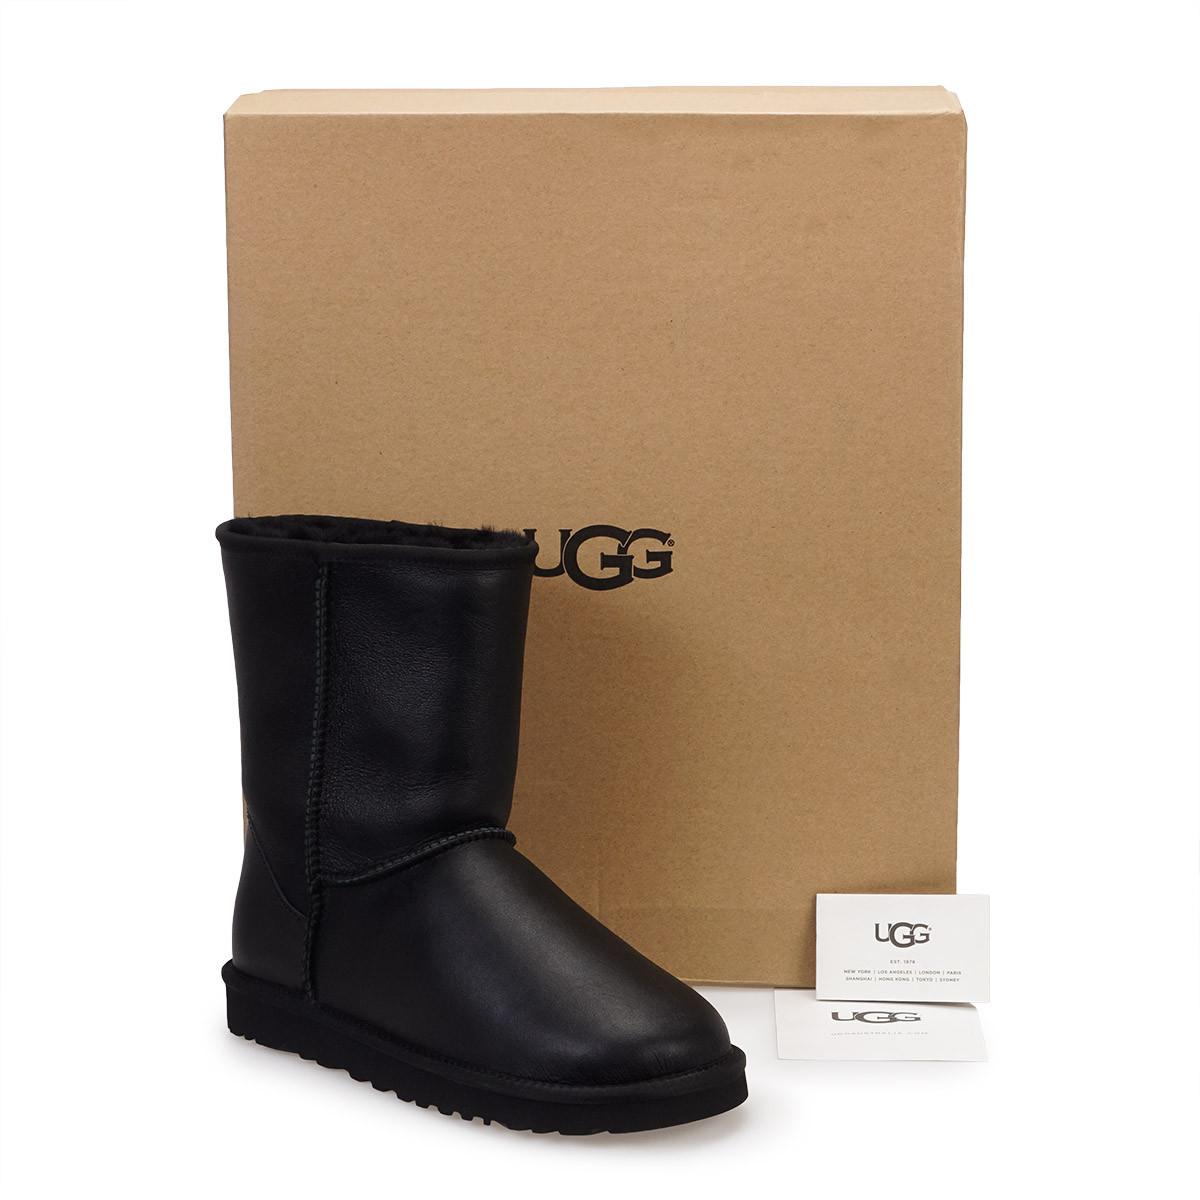 Мужские угги (UGG Mens Classic Short Leather )41,42,43,44,45